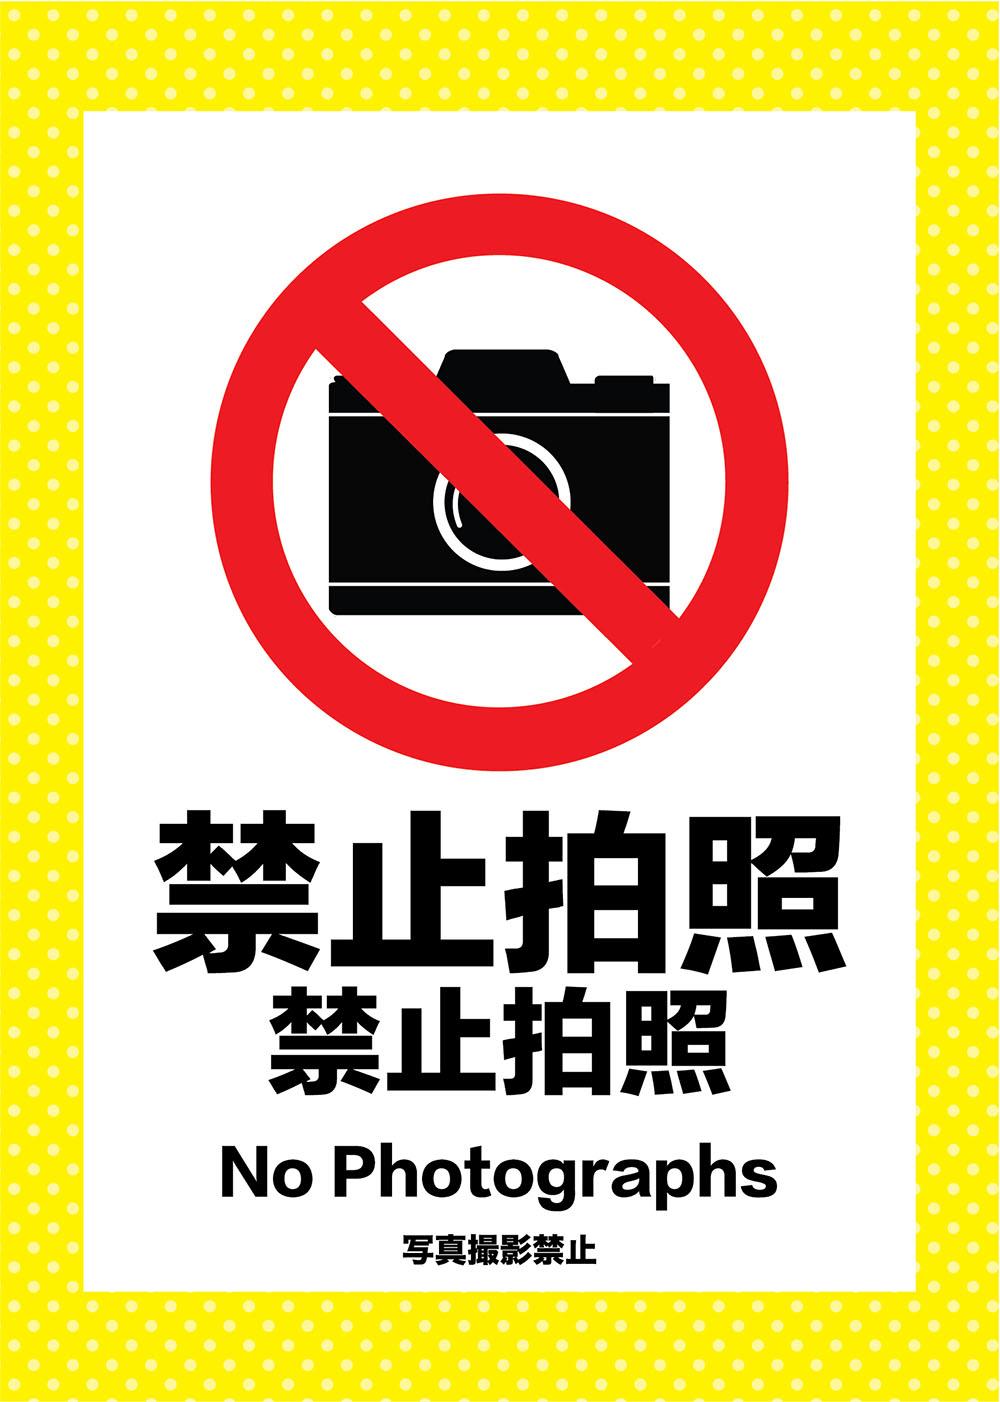 店内禁止拍照